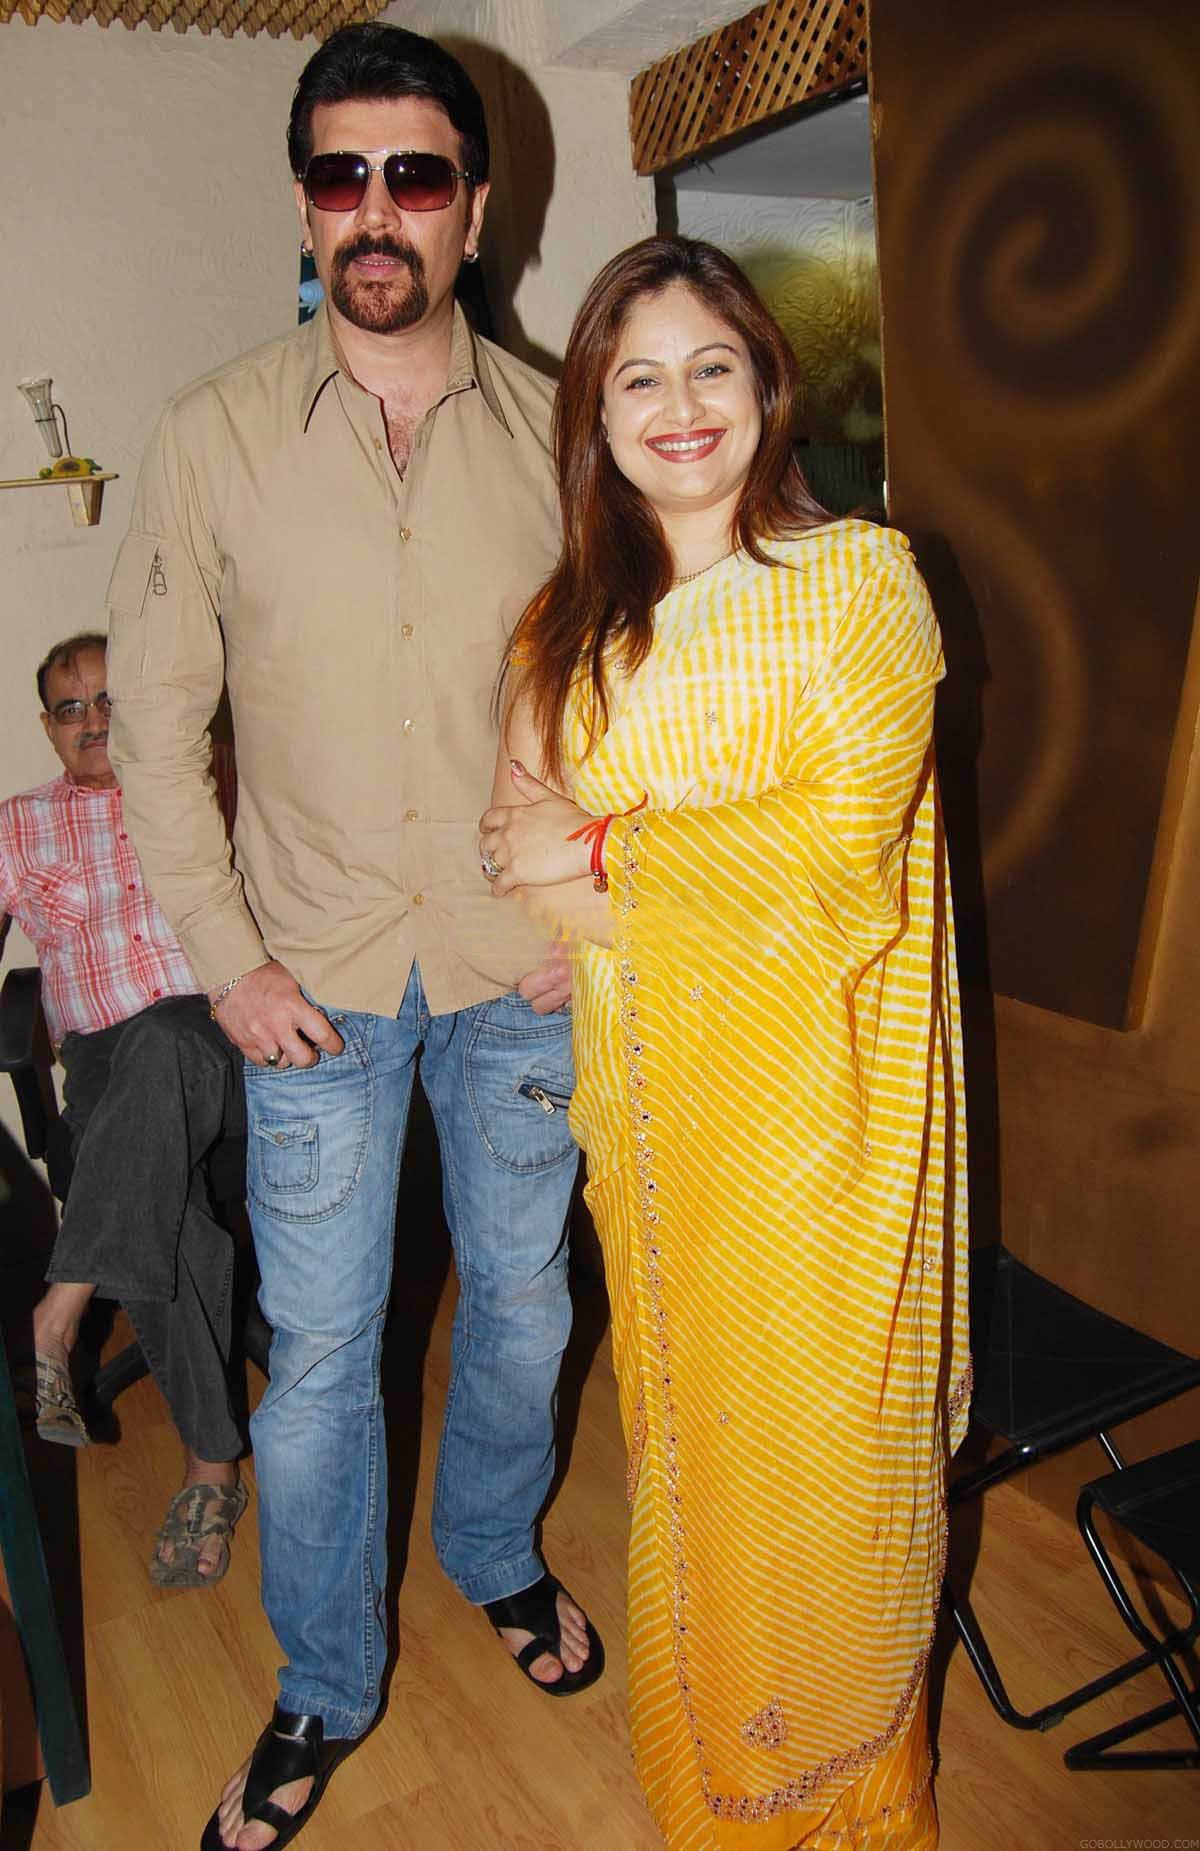 Ayesha Jhulka With Aditya Pancholi Photo Sheclick Com